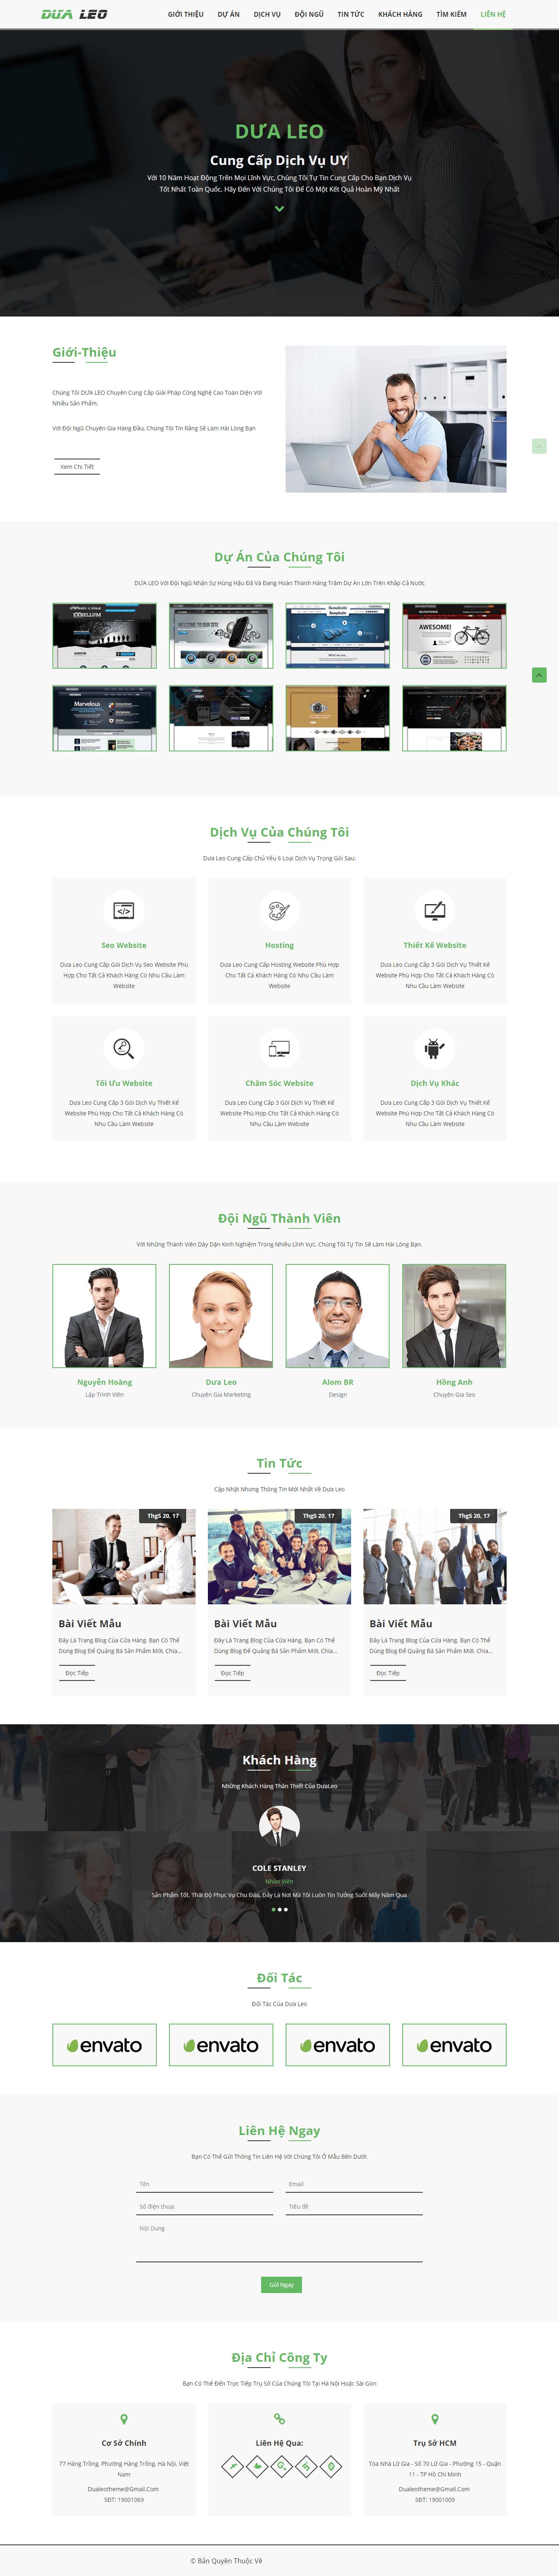 Web công ty 688142327